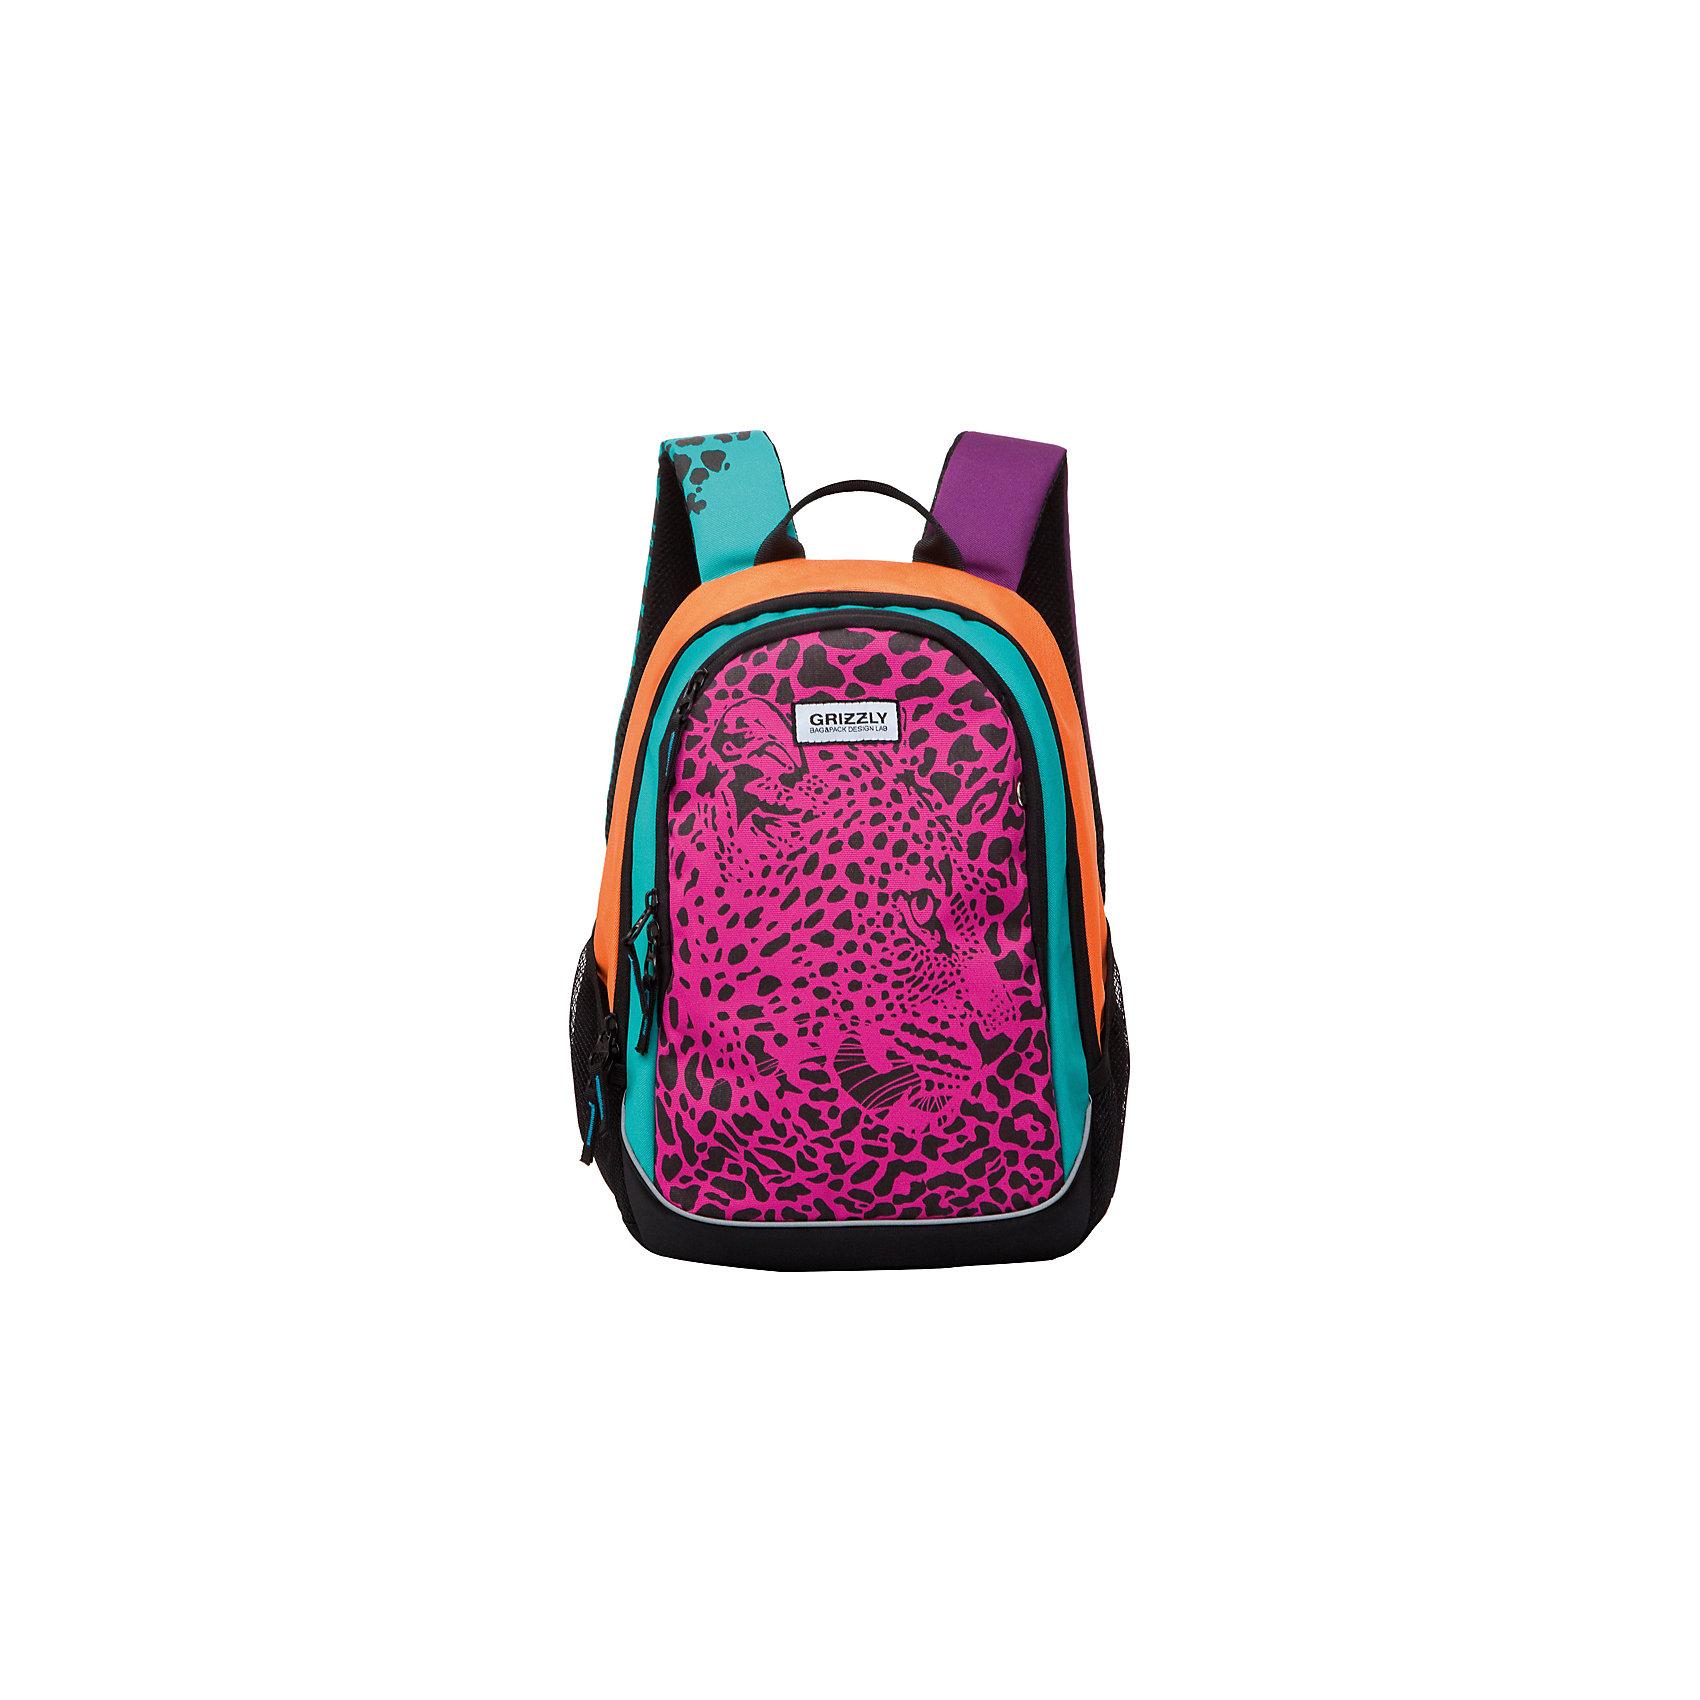 Grizzly Рюкзак школьный ЛеопардРюкзаки<br>Рюкзак Леопард, Grizzly (Гризли) ? рюкзак отечественного бренда Гризли молодежной серии. Рюкзак выполнен из принтованного полиэстера в сочетании с нейлоном высокого качества, что обеспечивает легкий вес, но при этом надежность и прочность. Все швы выполнены капроновыми нитками, что делает швы особенно крепкими и устойчивыми к износу даже в течение нескольких лет. <br>Внутреннее устройство рюкзака состоит из двух отсеков, внутреннего подвесного кармана, кармана на молнии и составного пенала-органайзера для хранения канцелярских принадлежностей. Повышенная вместительность рюкзака обеспечивается боковыми карманами из сетки и передним карманом на молнии. Удобство и эргономичность рюкзака создается за счет укрепленной спинки и лямок, а также благодаря мягкой укрепленной ручке. На задней стенке имеется карман быстрого доступа. Уникальность рюкзаков Grizzly заключается в том, что анатомическая спинка изготовлена из специальной ткани, которая пропускает воздух, тем самым защищает спину от повышенного потоотделения. Лямки регулируются под рост школьника.<br>Рюкзаки молодежной серии Grizzly (Гризли) ? это не только удобство и функциональность, это еще и оригинальный современный дизайн. Рюкзак Леопард, Grizzly (Гризли) выполнен оригинальном дизайнерском решении: классический рисунок леопарда представлен в ярких цветах. <br>Рюкзак Леопард, Grizzly (Гризли) ? это качество материалов, удобство и долговечность использования. <br><br>Дополнительная информация:<br><br>- Вес: 690 г<br>- Габариты (Д*Г*В): 29*20*40 см<br>- Цвет: черный, розовый, оранжевый, бирюзовый<br>- Материал: полиэстер, нейлон <br>- Сезон: круглый год<br>- Коллекция: молодежная <br>- Год коллекции: 2016 <br>- Пол: женский<br>- Предназначение: для школы, для занятий спортом<br>- Особенности ухода: можно чистить влажной щеткой или губкой, допускается ручная стирка<br><br>Подробнее:<br><br>• Для школьников в возрасте: от 8 лет и до 12 лет<br>• Страна производитель: Россия<br>